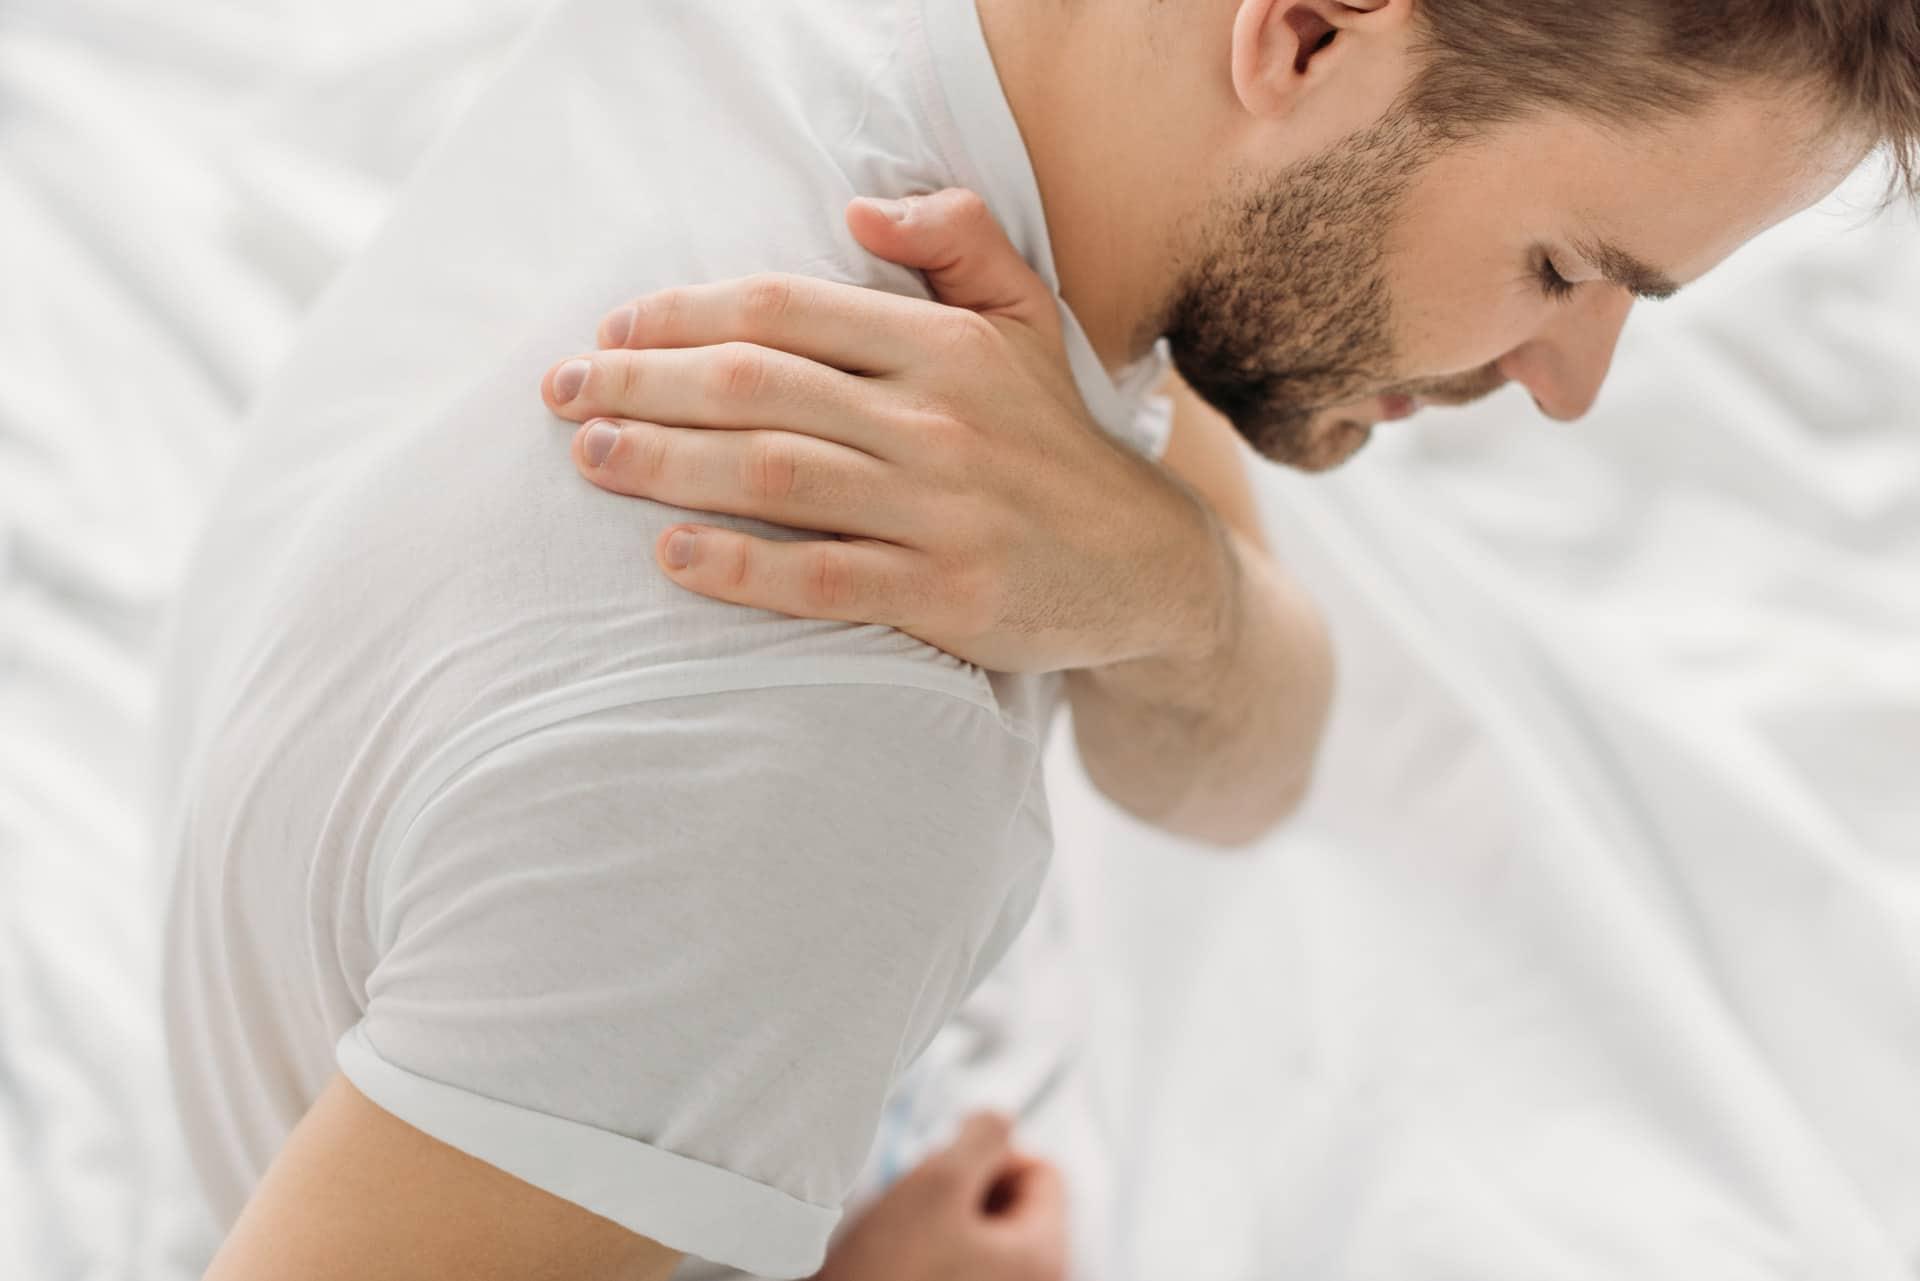 Mann mit Schmerzen an der Schulter - Symptome eines Impingement-Syndroms